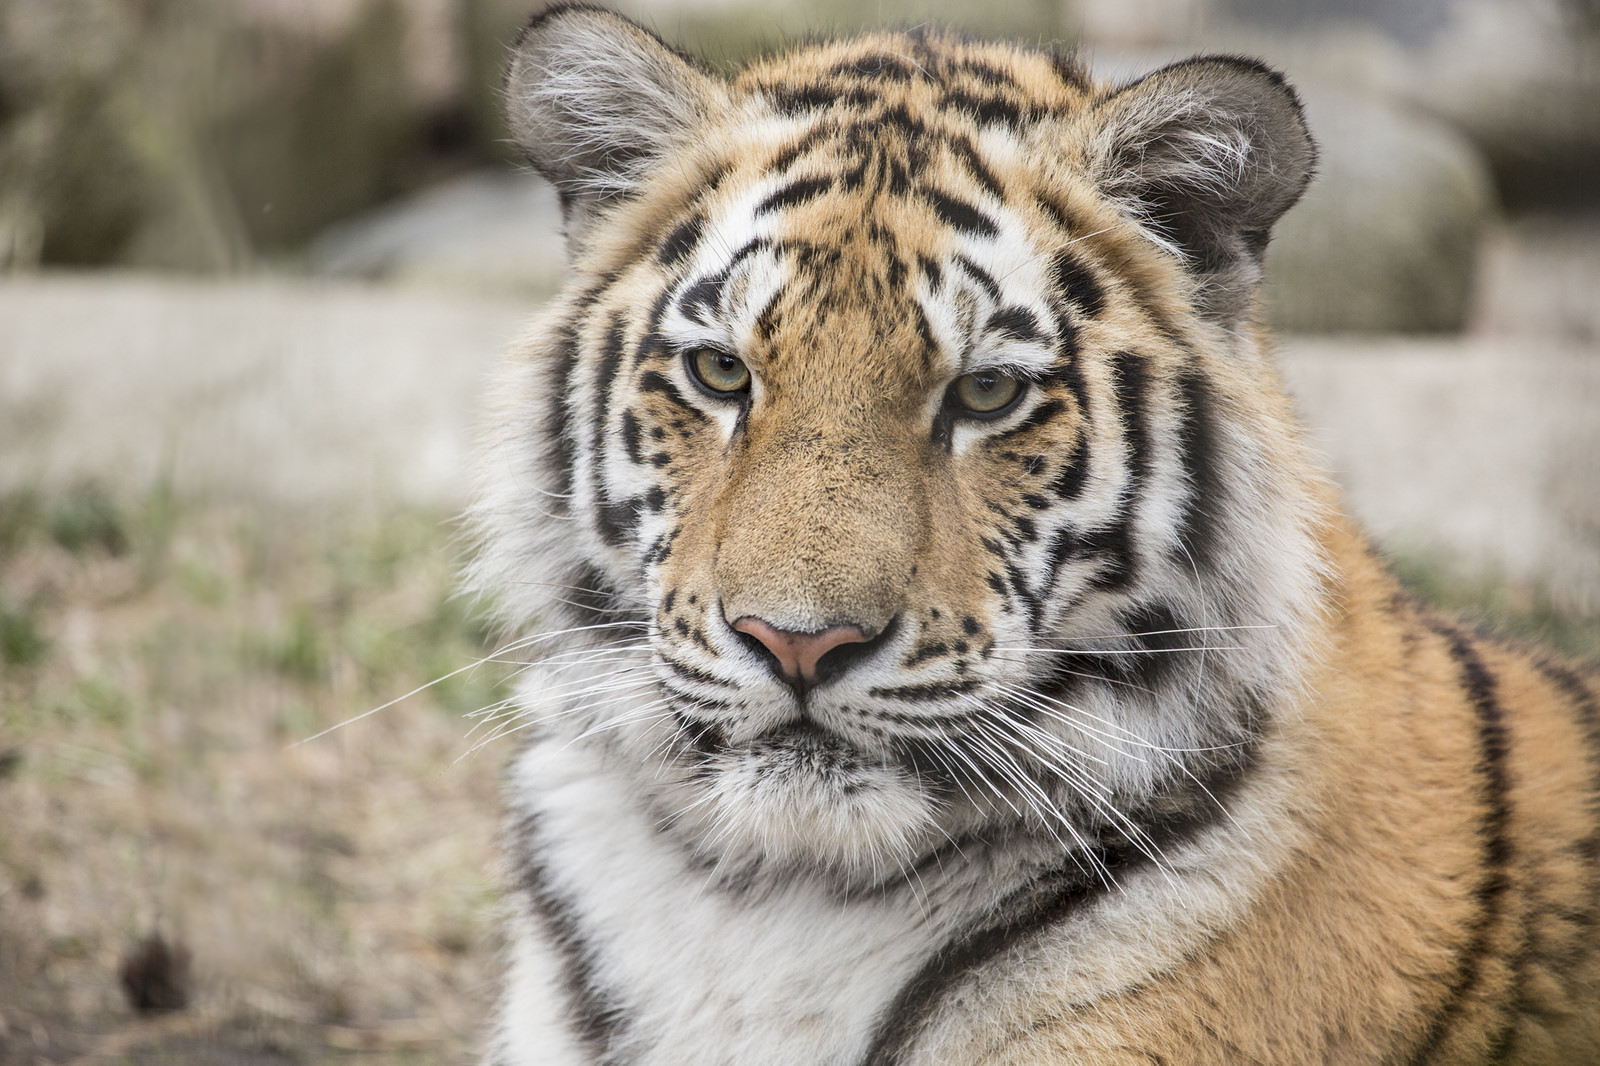 Osallistu Kissojen Yössä eläintarhan melututkimukseen älyteknologian avulla